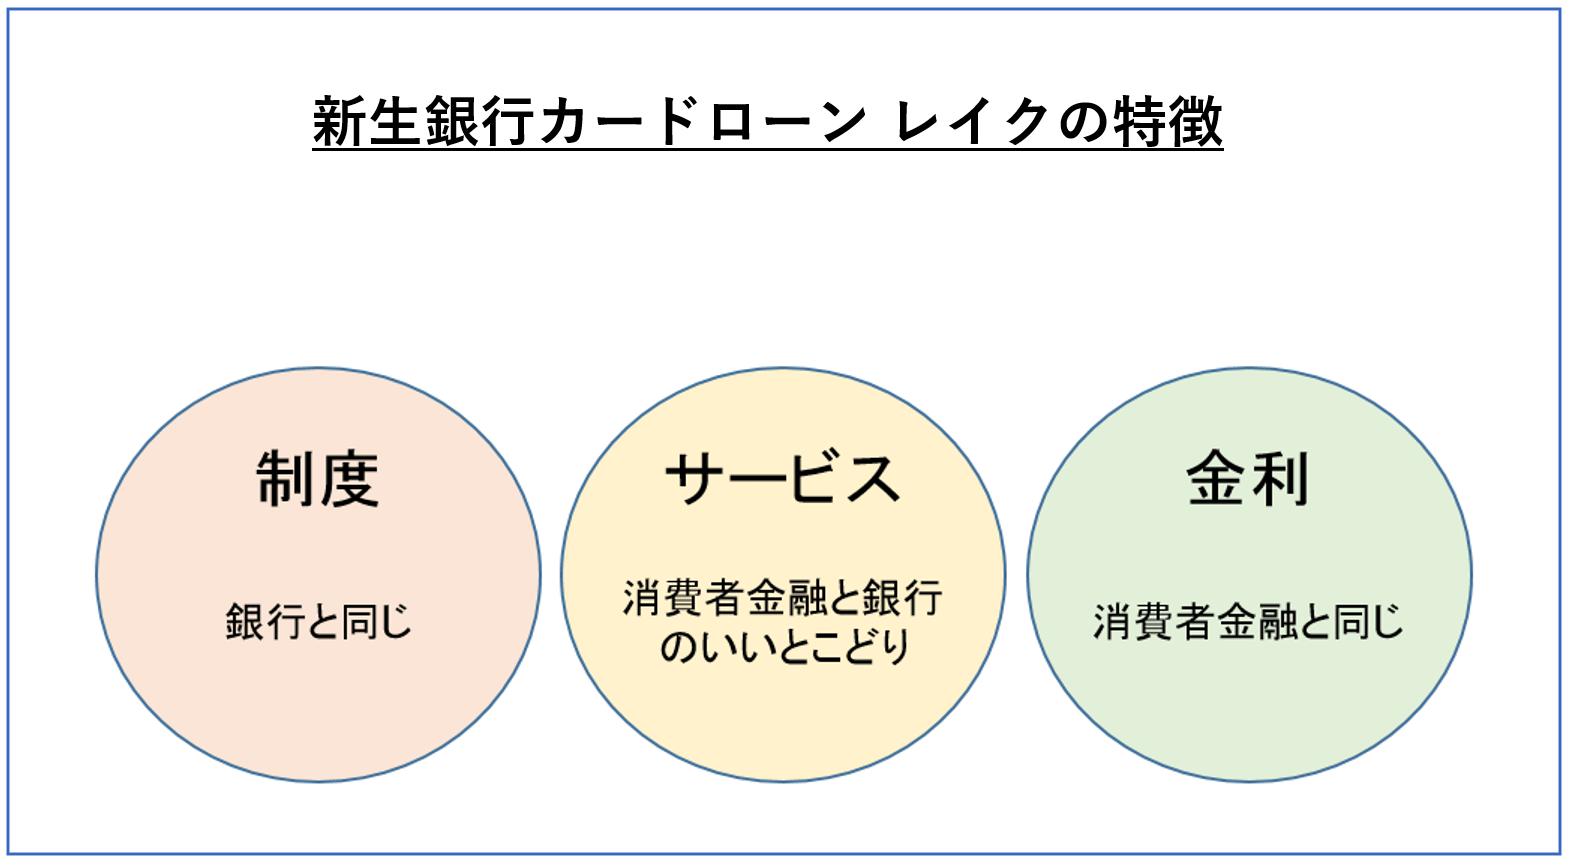 レイク 特徴-min (2)